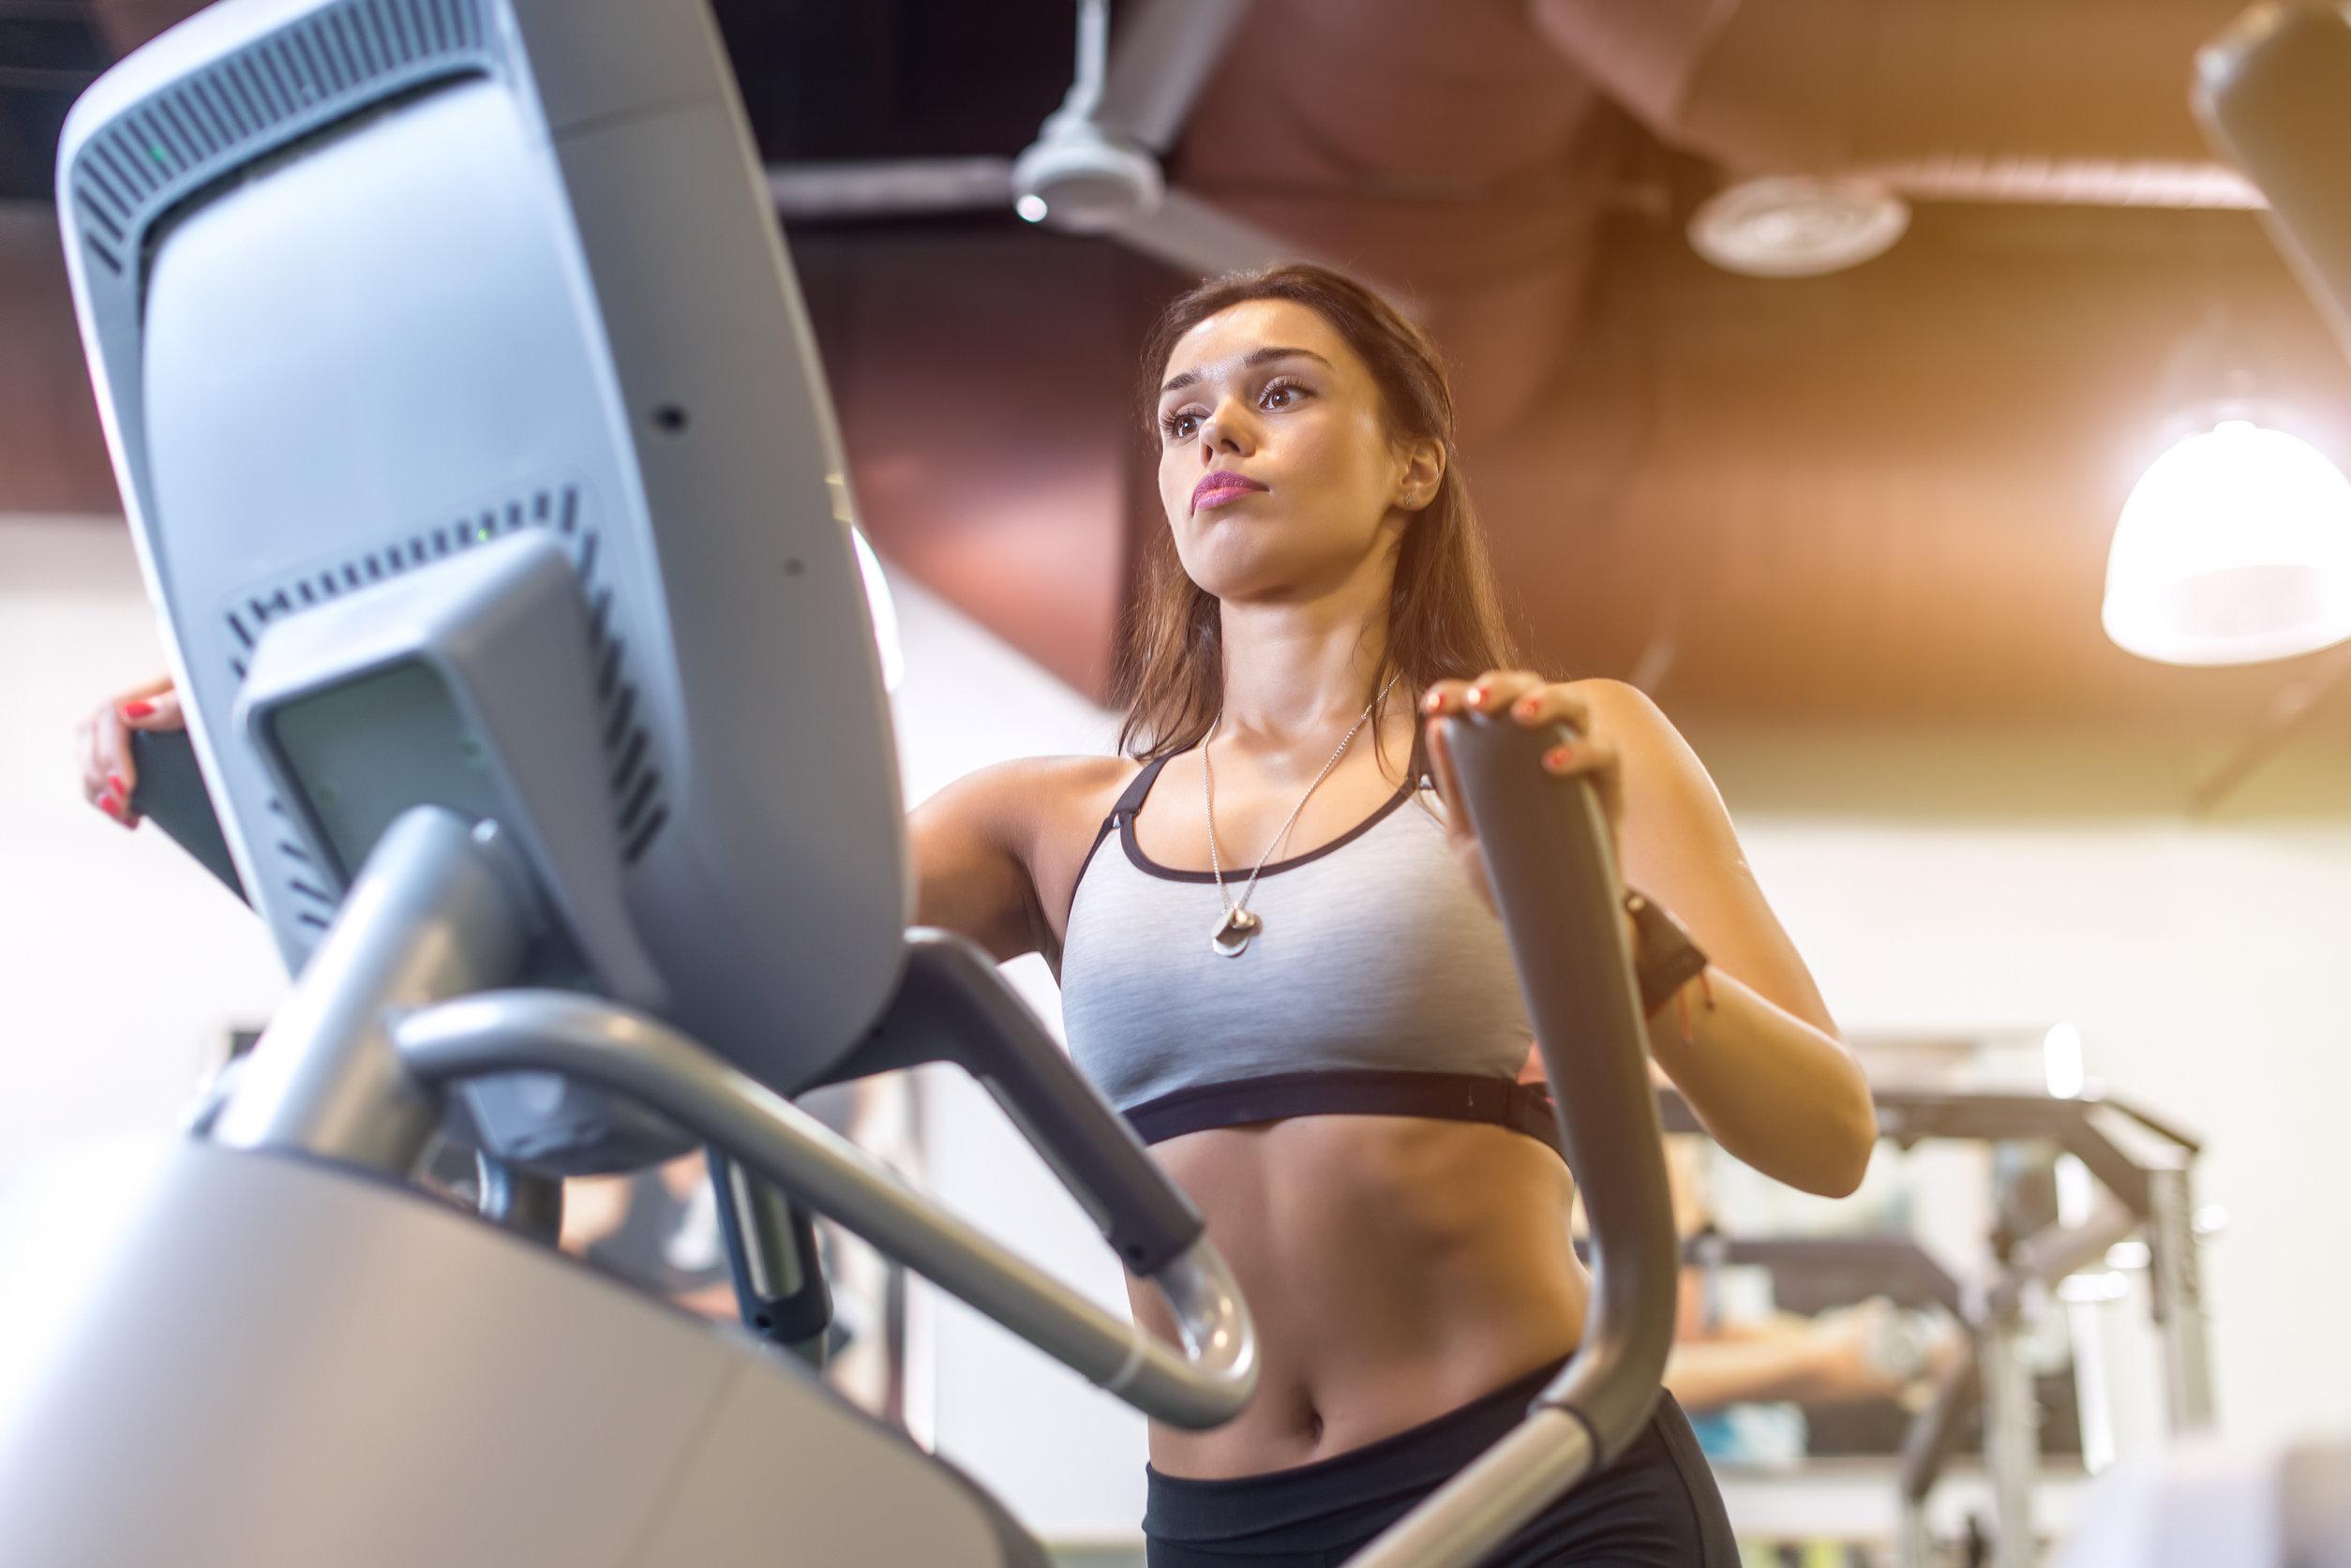 Foto de uma mulher fazendo exercícios em um simulador de caminhada